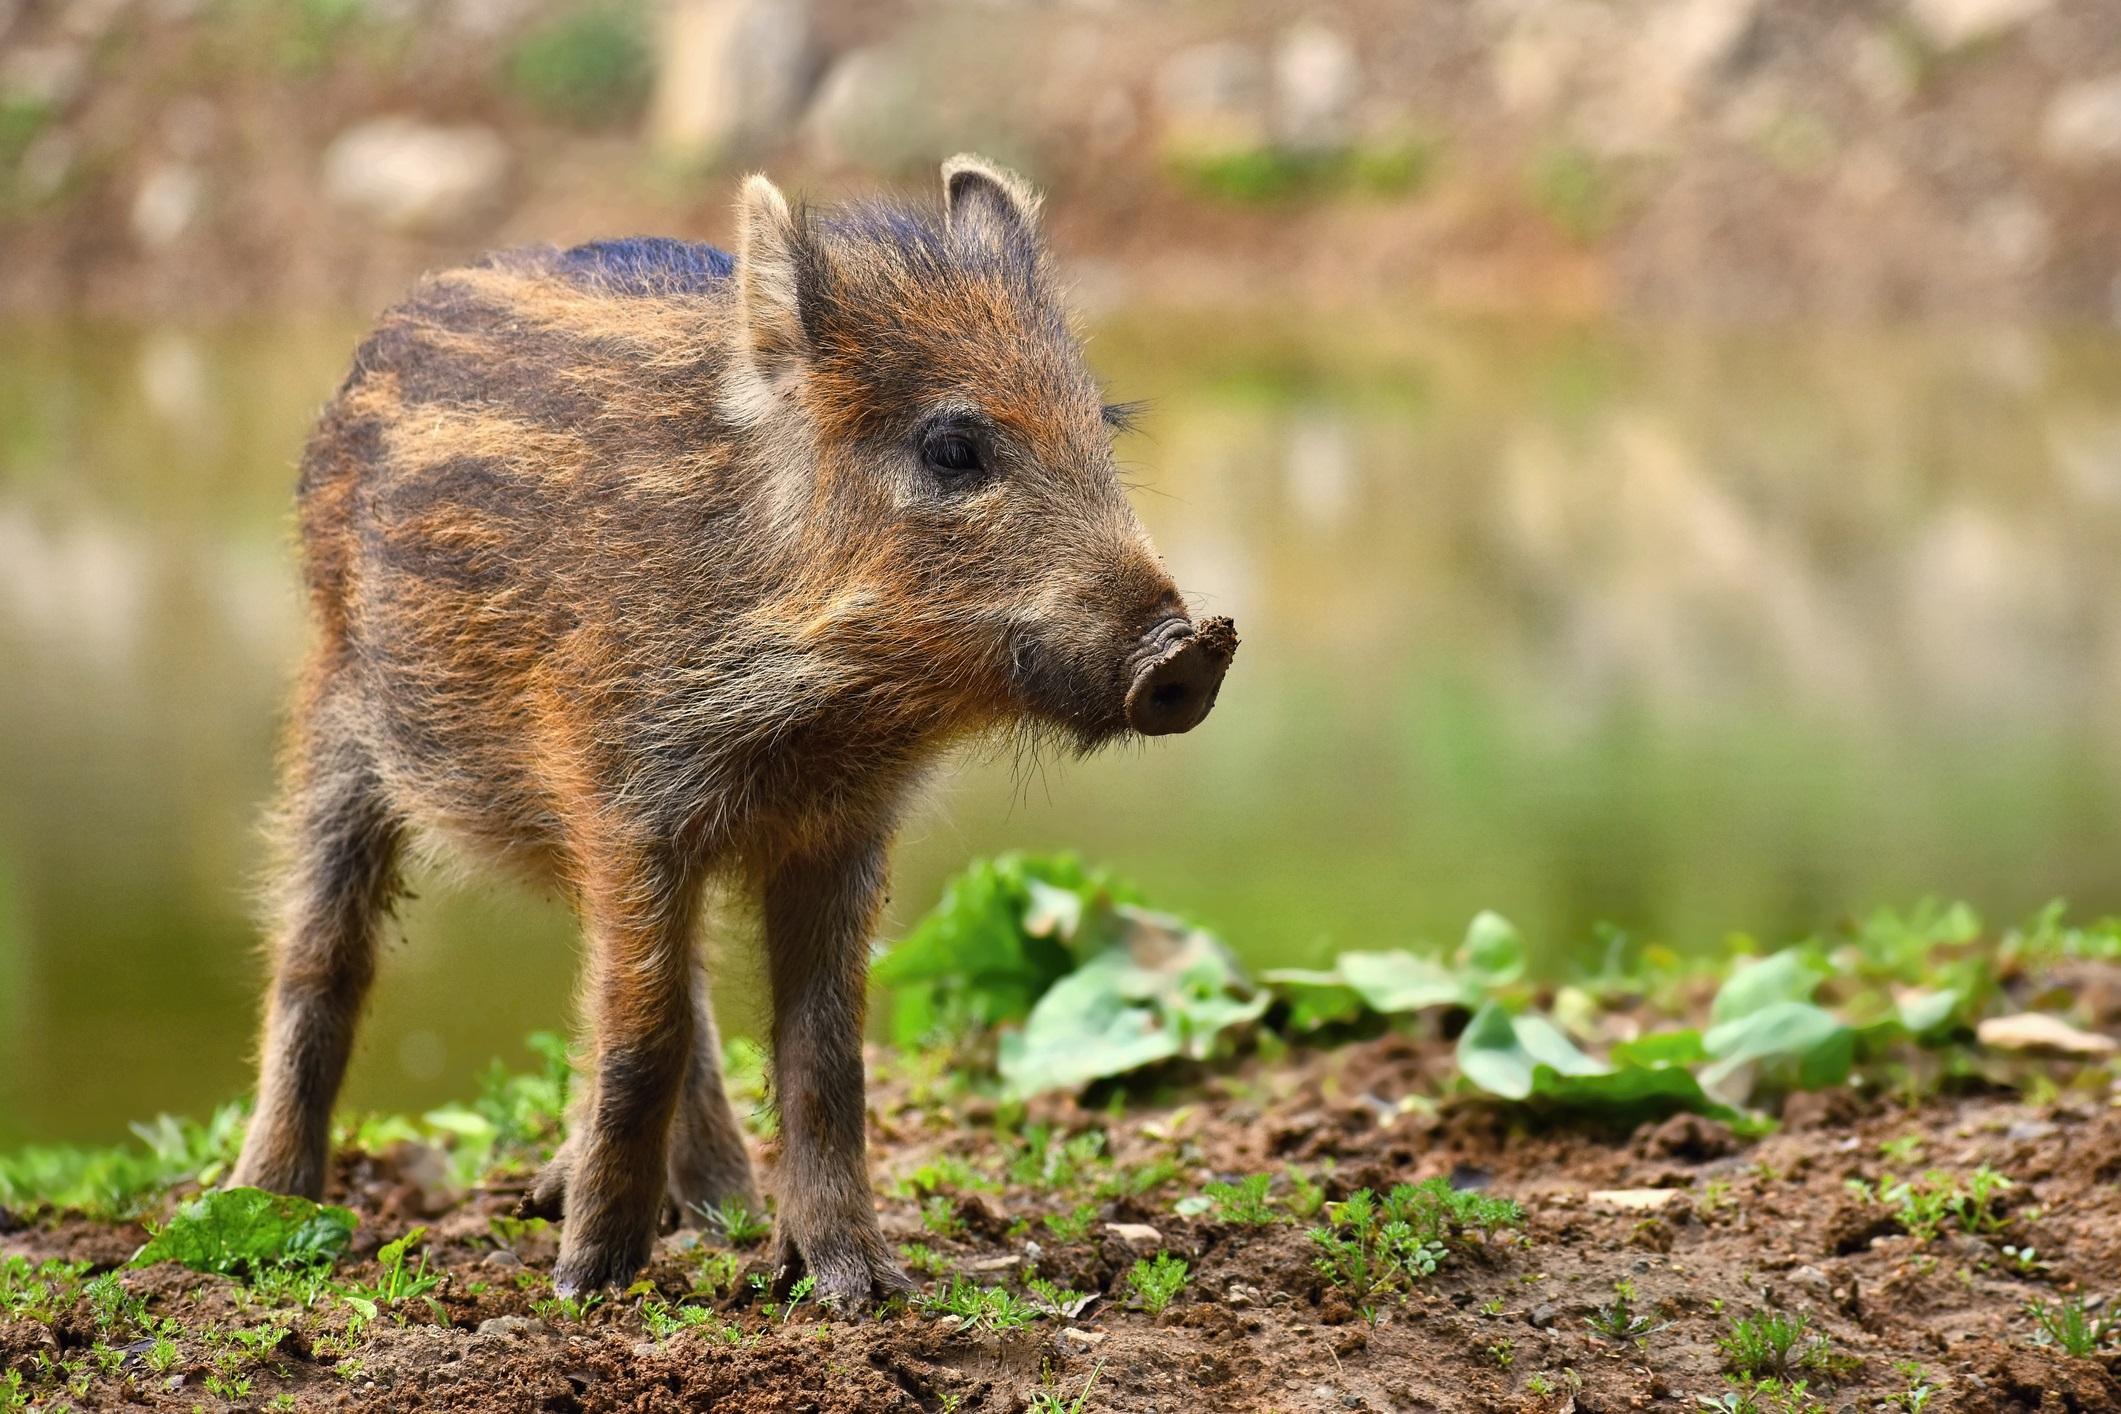 Заради пътни инциденти, групи, които спират влак и съобщения за инциденти с кучета и хора, екологична група в града ежедневно получава повиквания, свързани с дивите свине. Един човек има разрешително да убива прасета в града, но тъй като има ограничения в лова, а и тези животни не са естествени хищници, дивите свине са тук, за да останат.